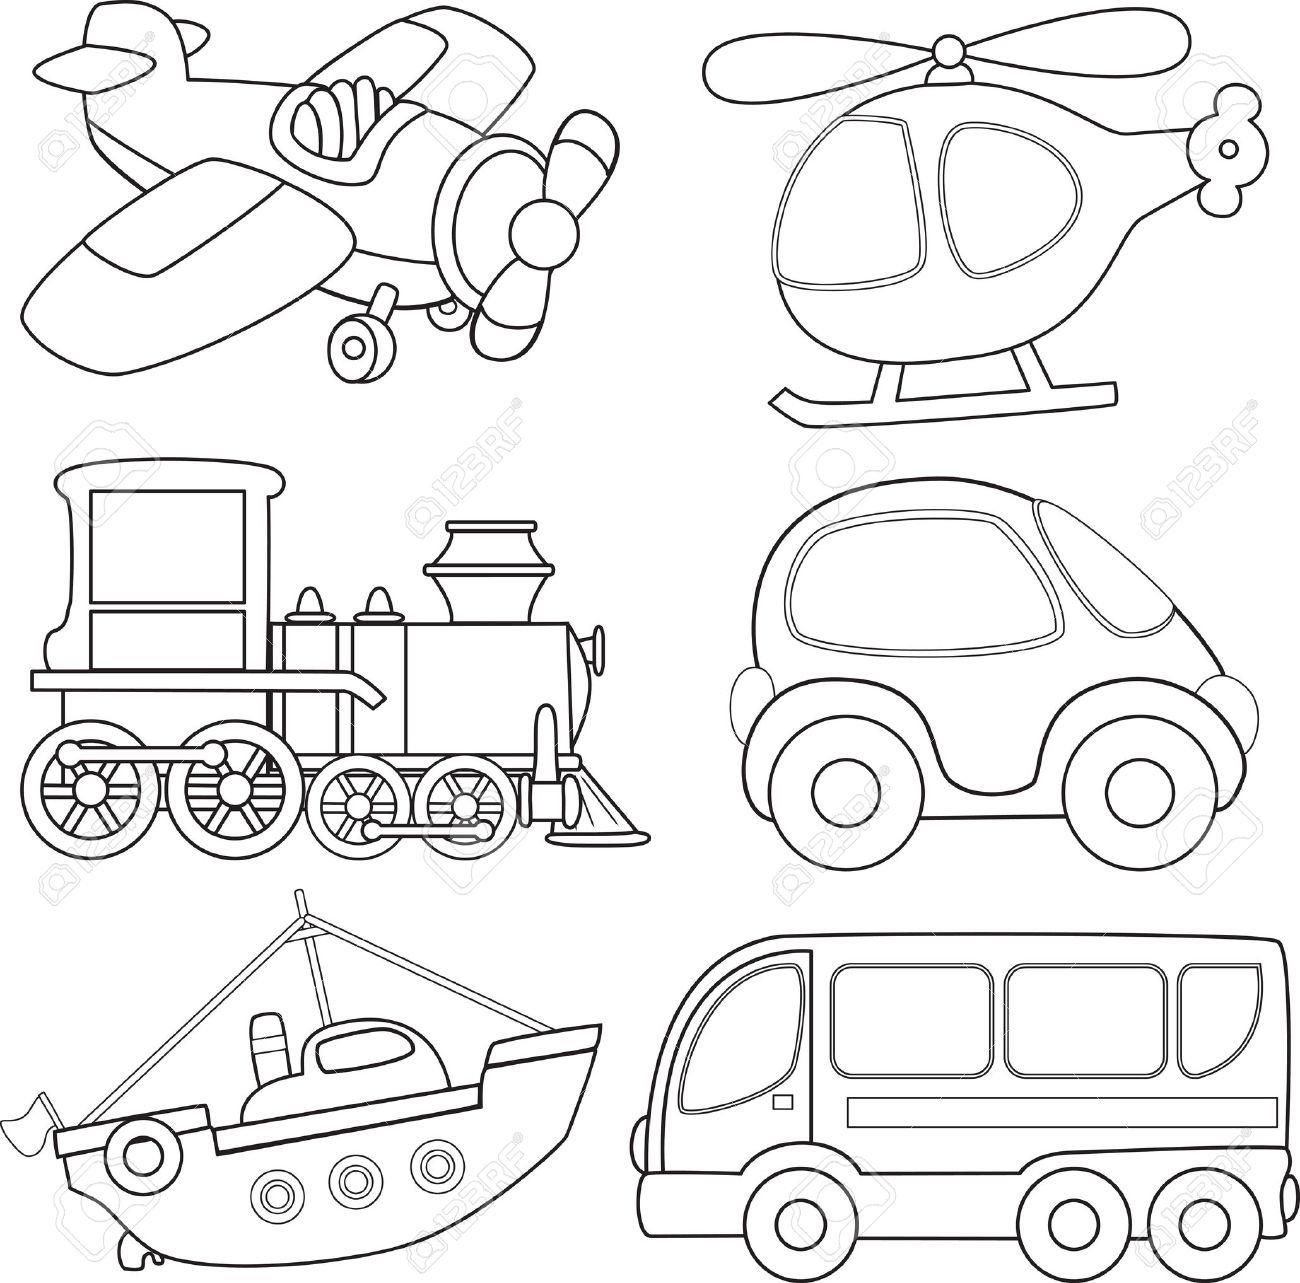 Раскраски о транспорте для детей распечатать